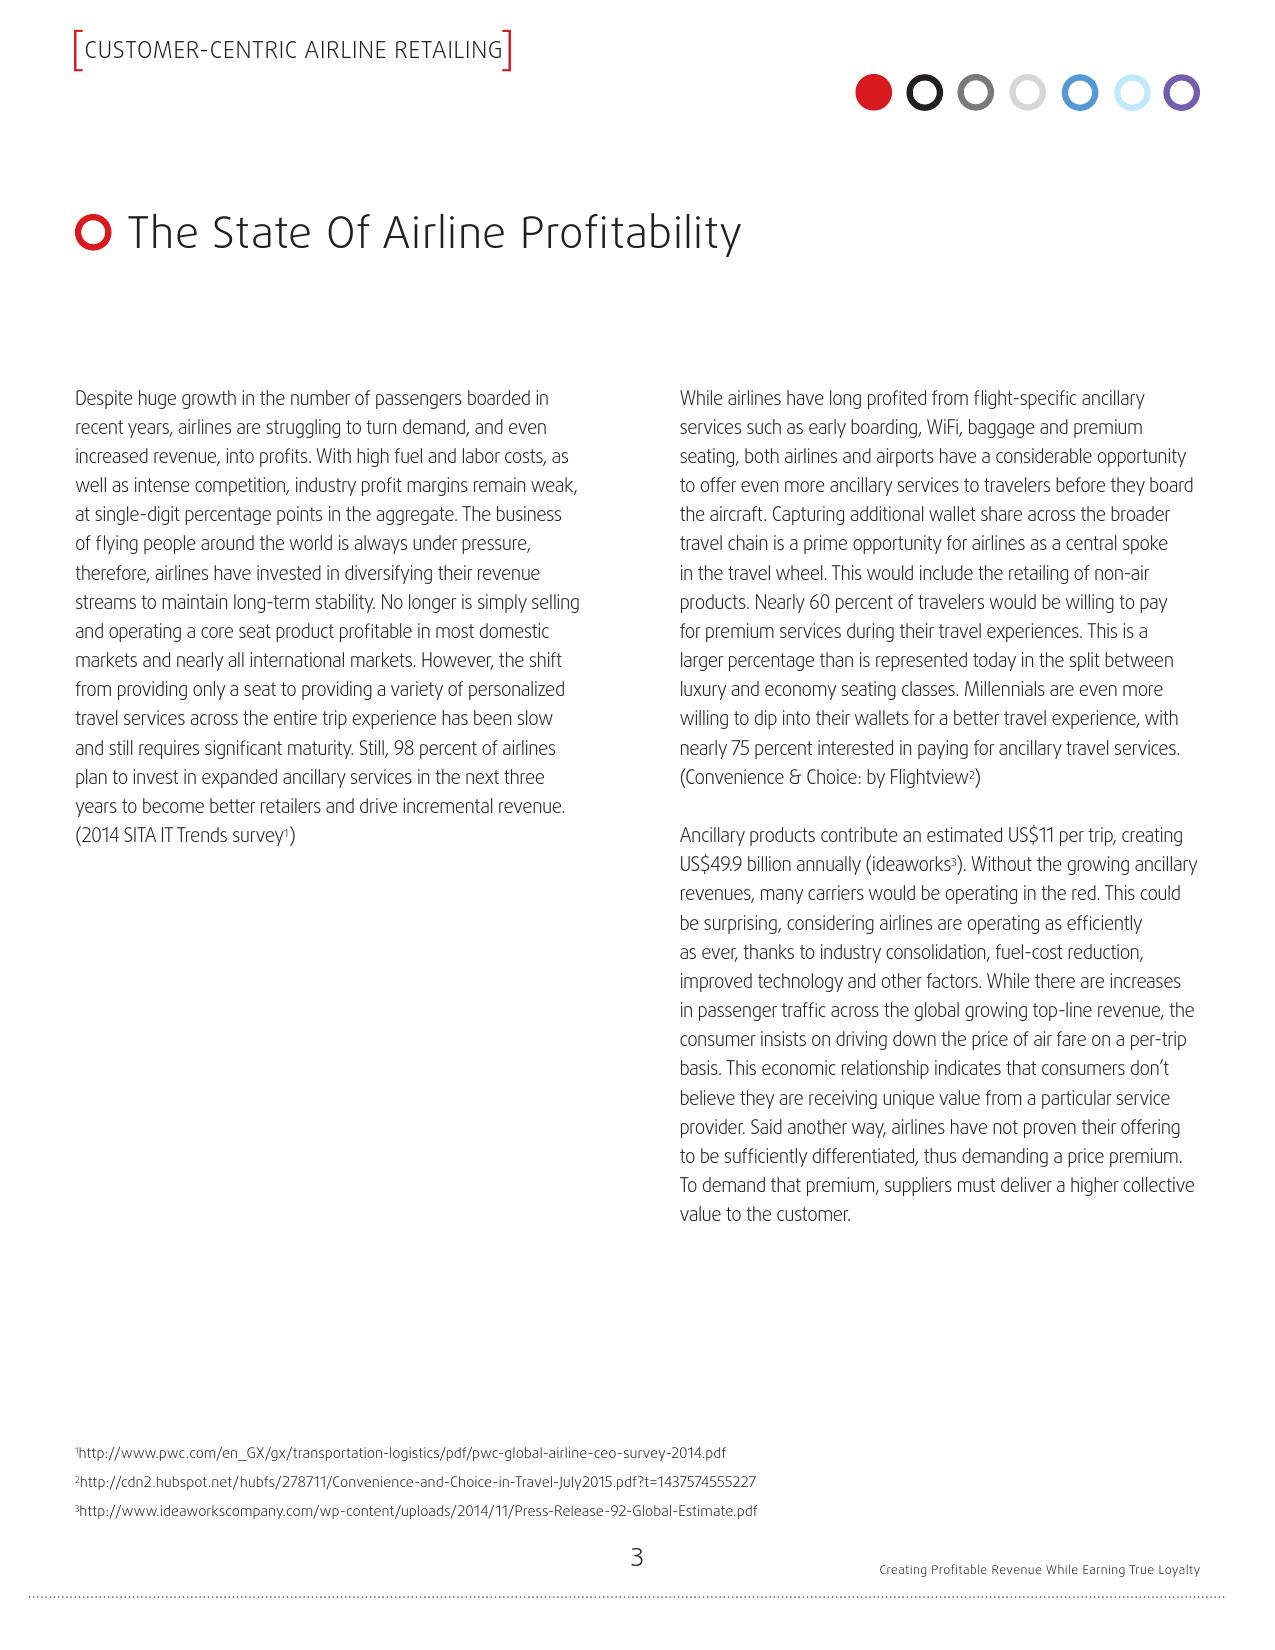 Sabre:探索以客户为中心的零售航空公司_000003